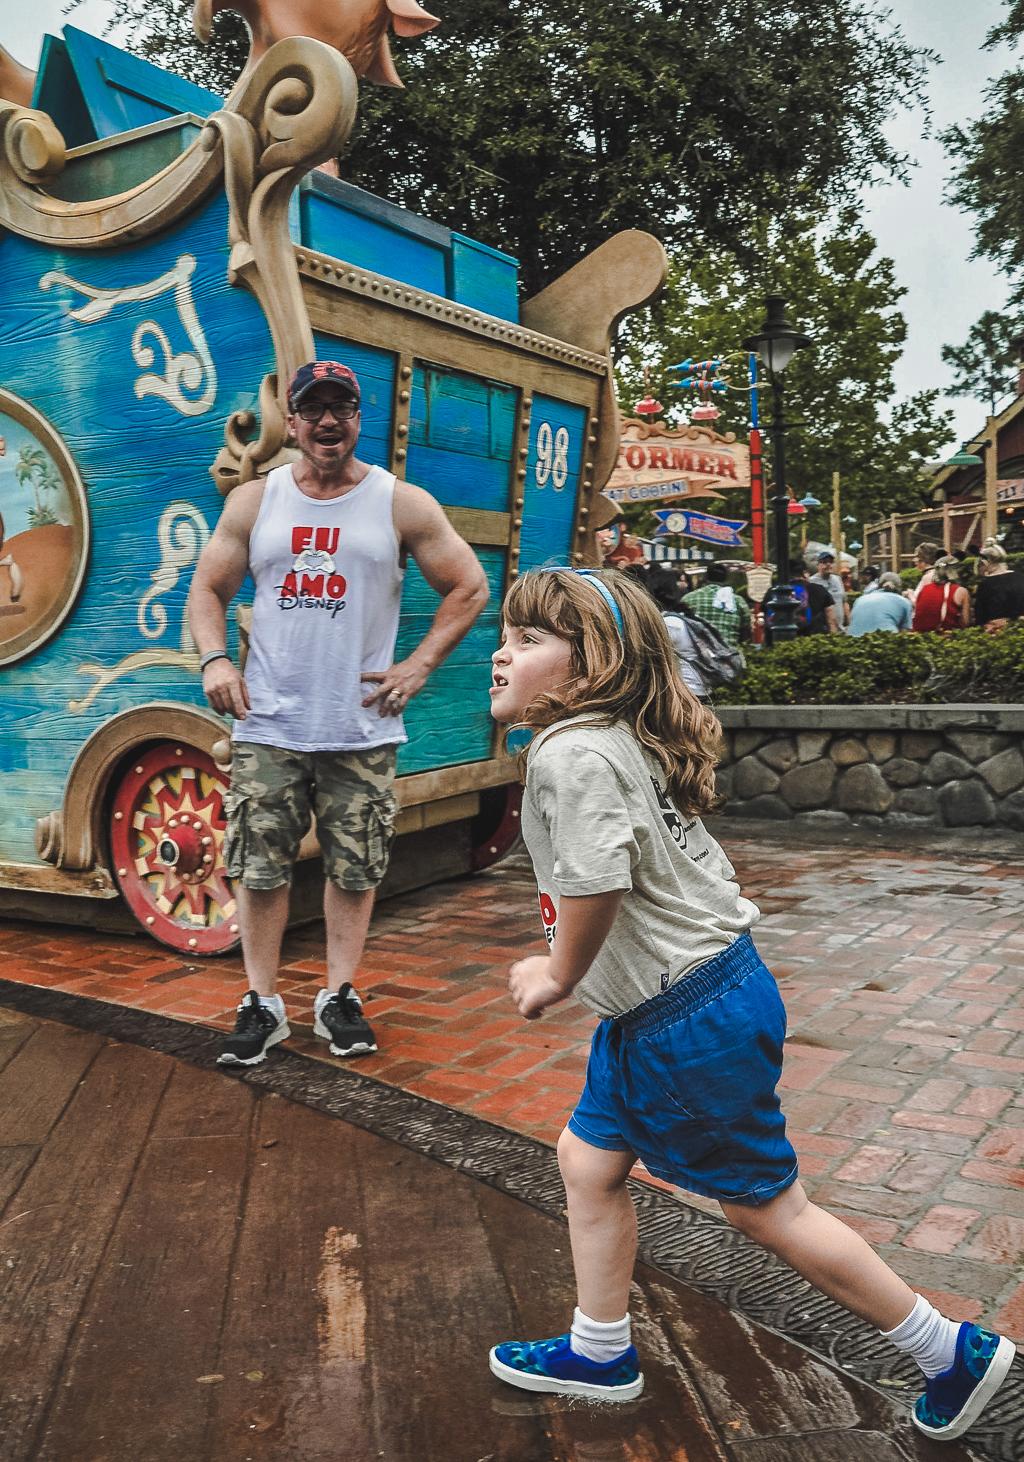 É importante levar roupa e calçados adicionais para crianças por causa dos Playgrounds molhados